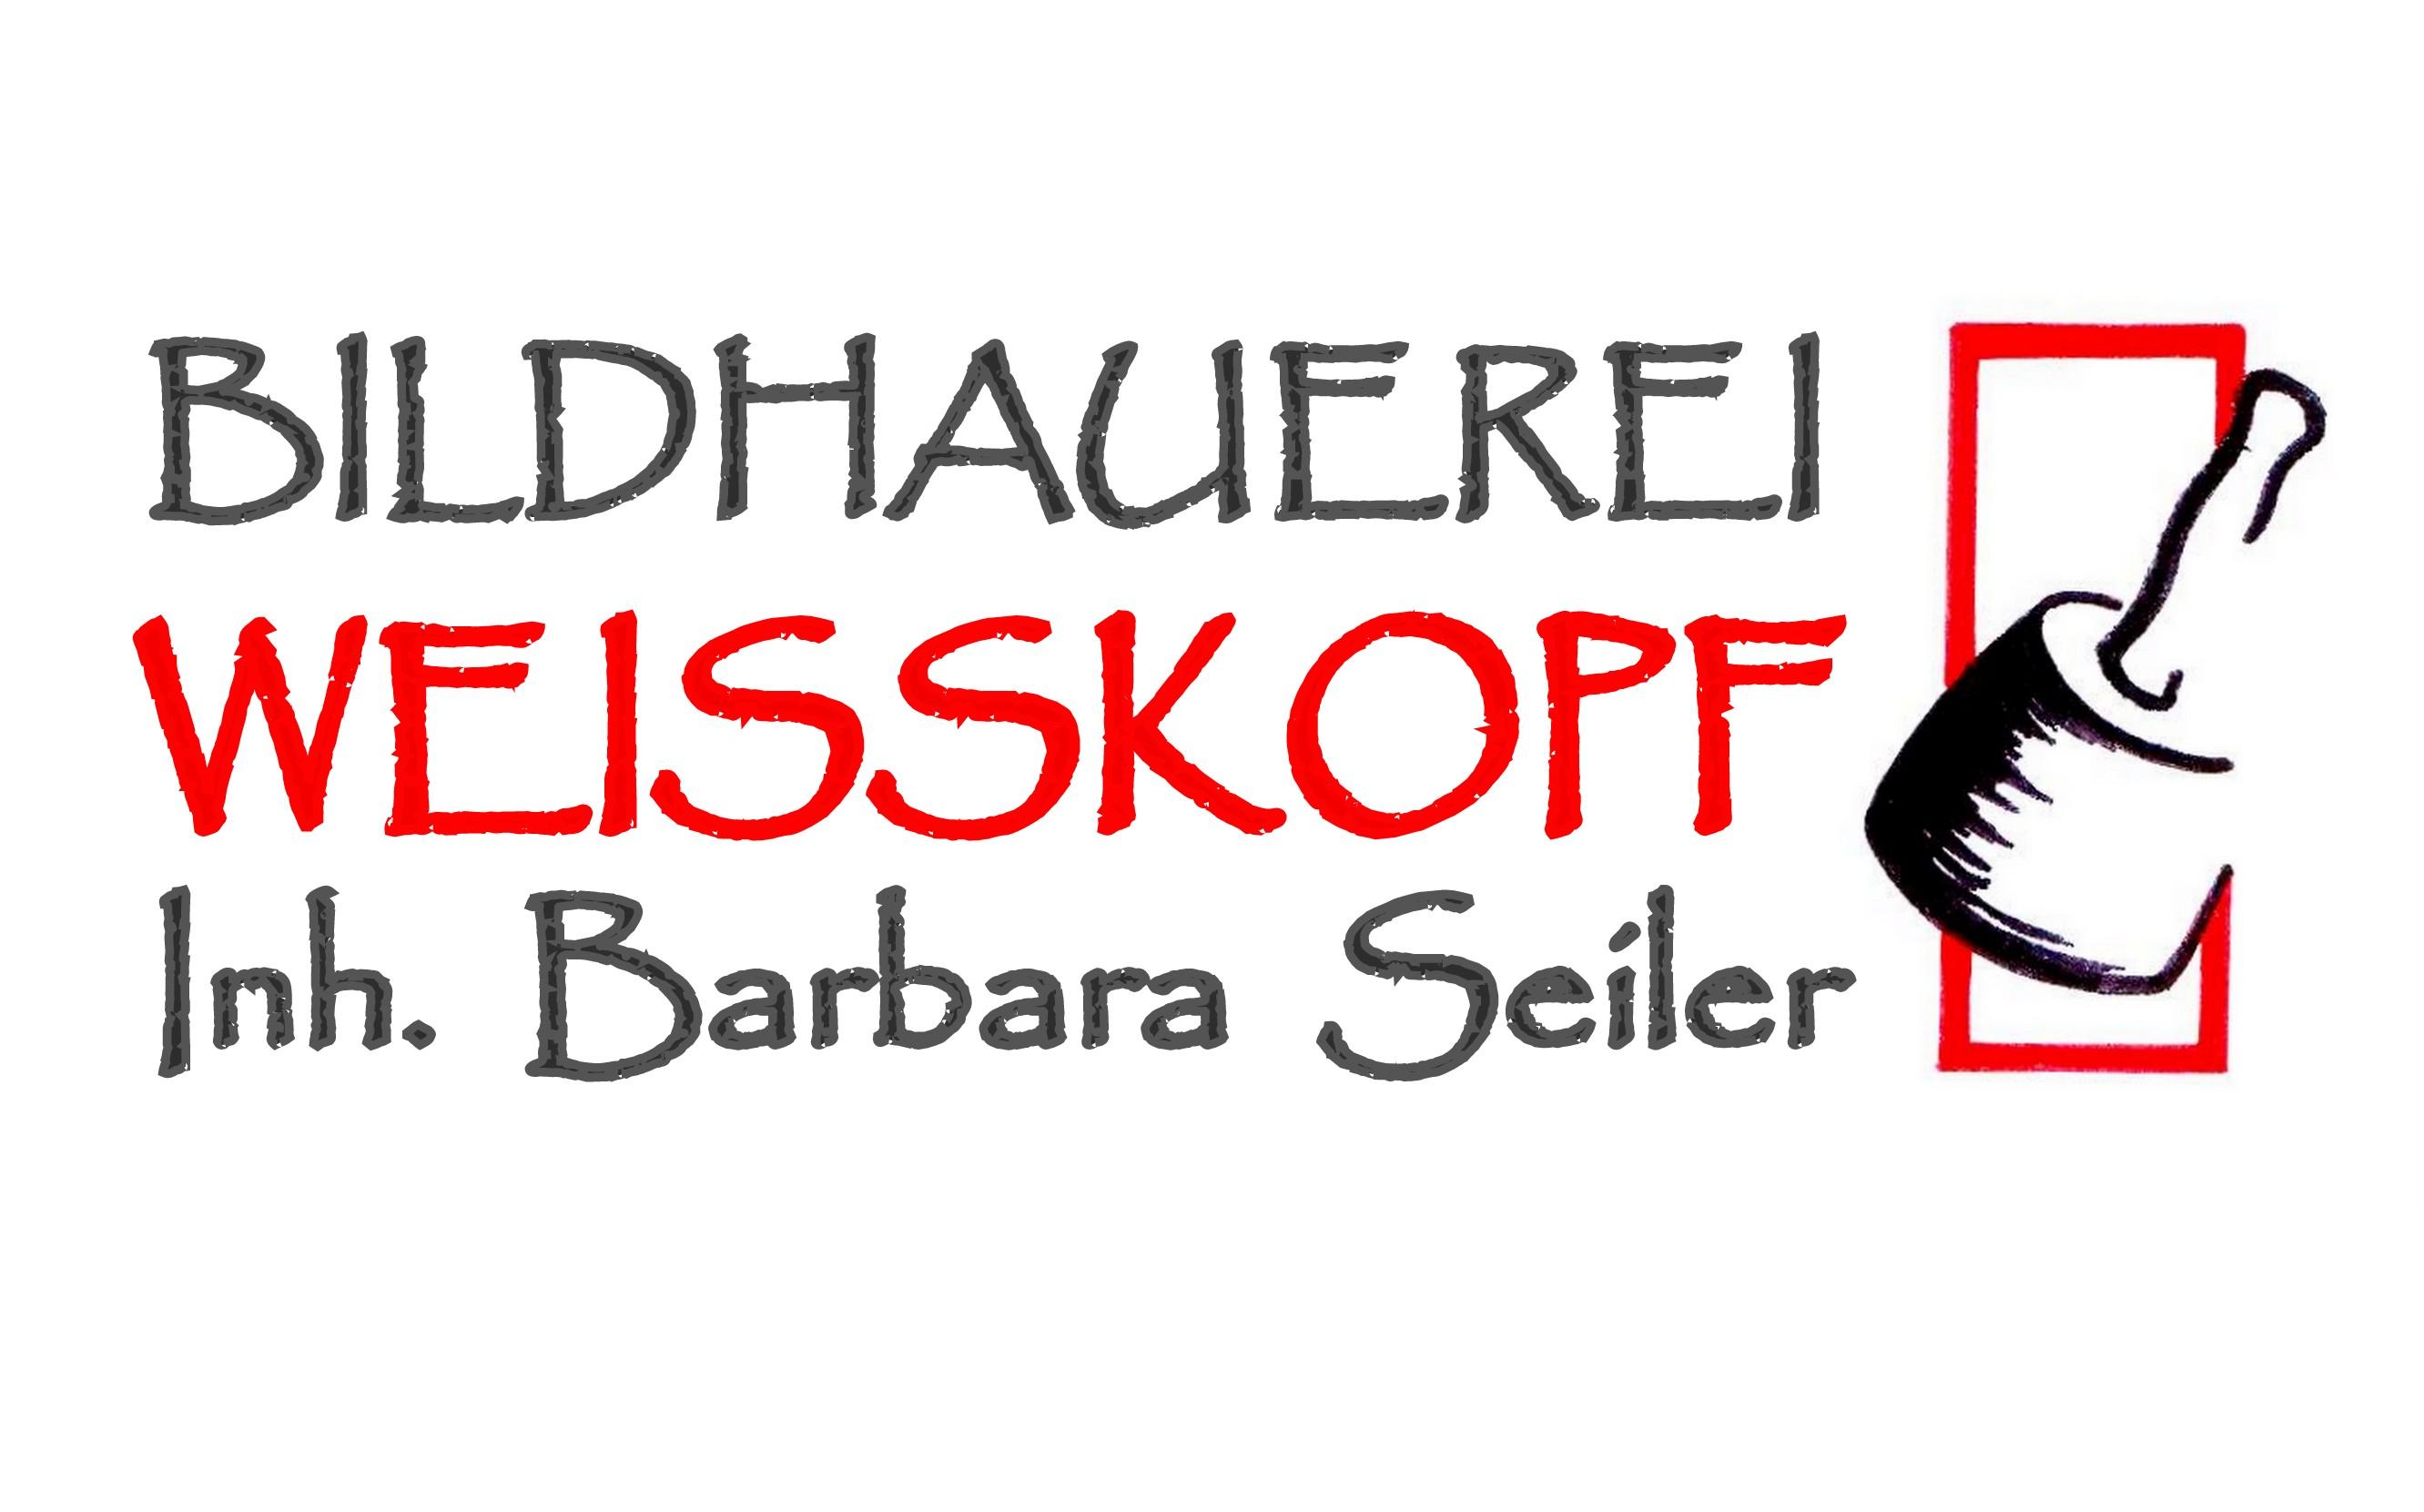 Bildhauerei Weisskopf GmbH